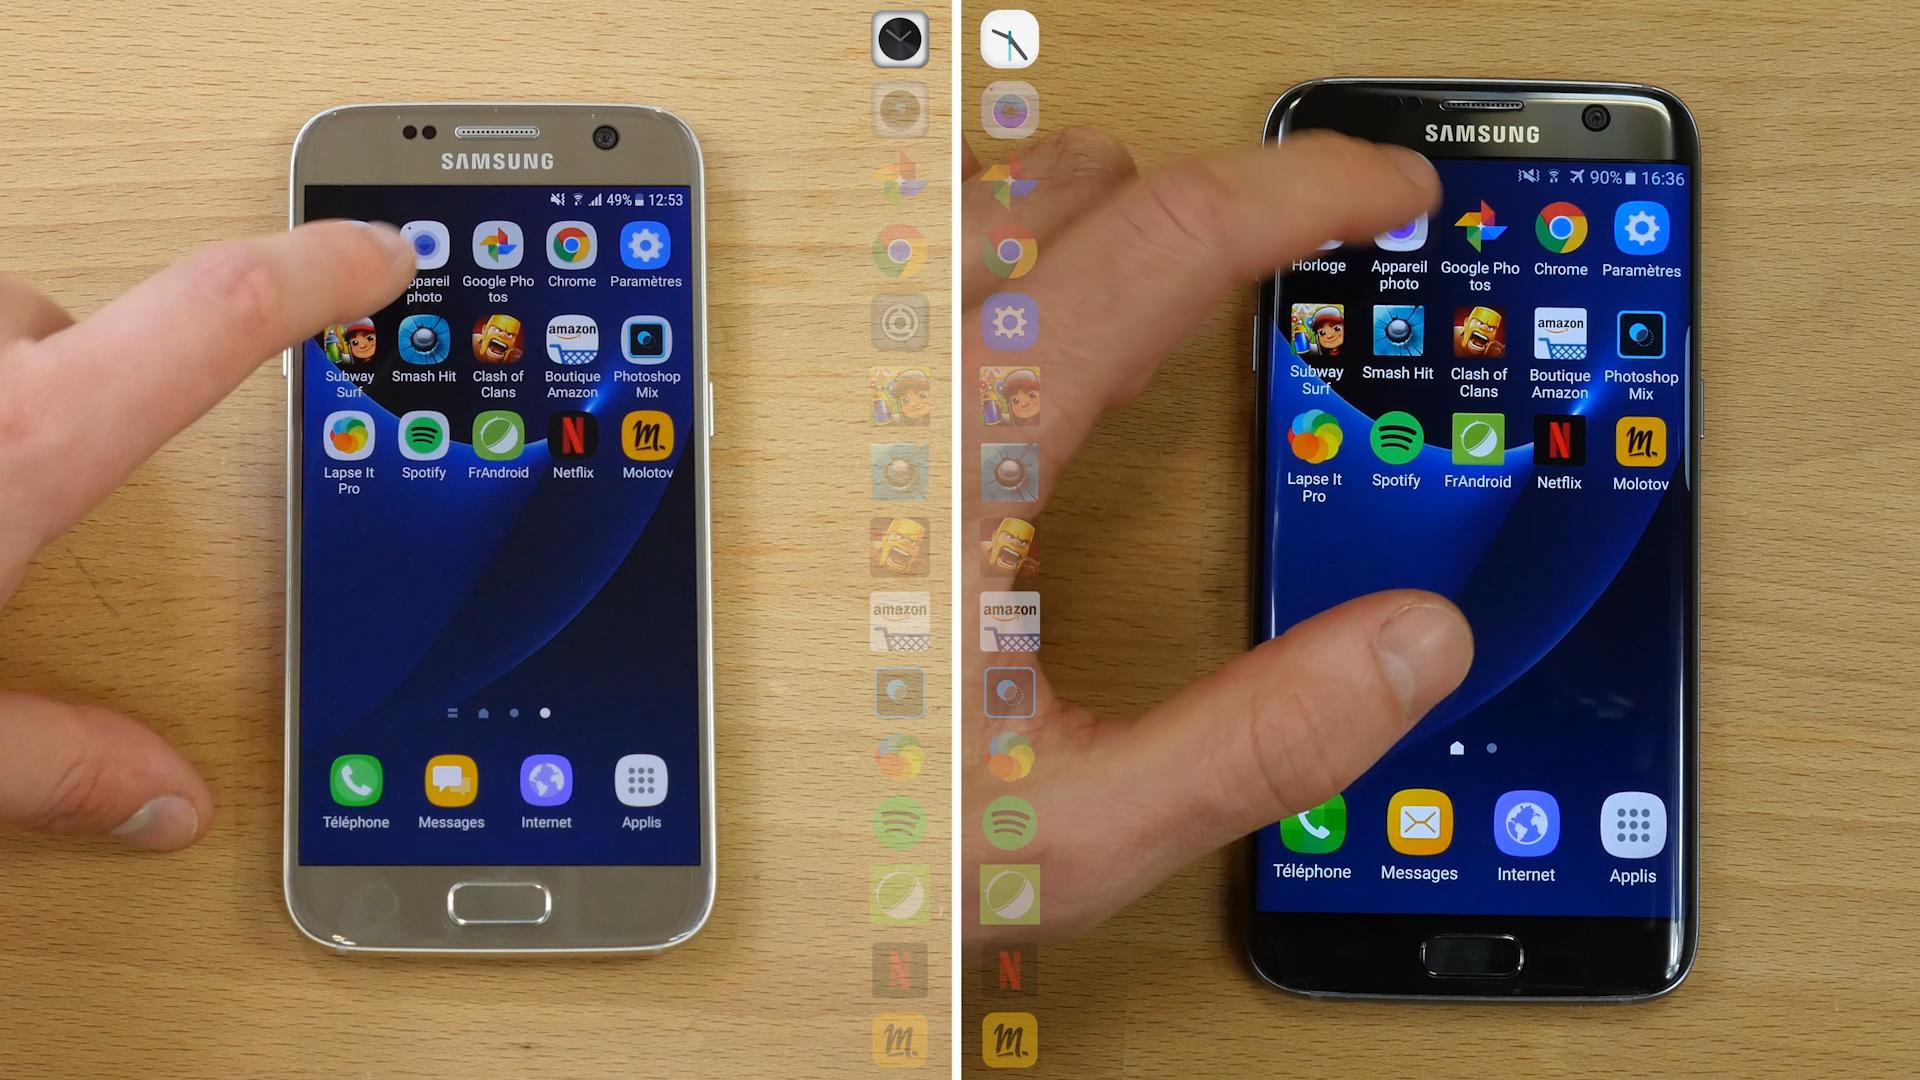 Samsung Galaxy S7 : quelle est la différence de performances entre Nougat et Marshmallow ?